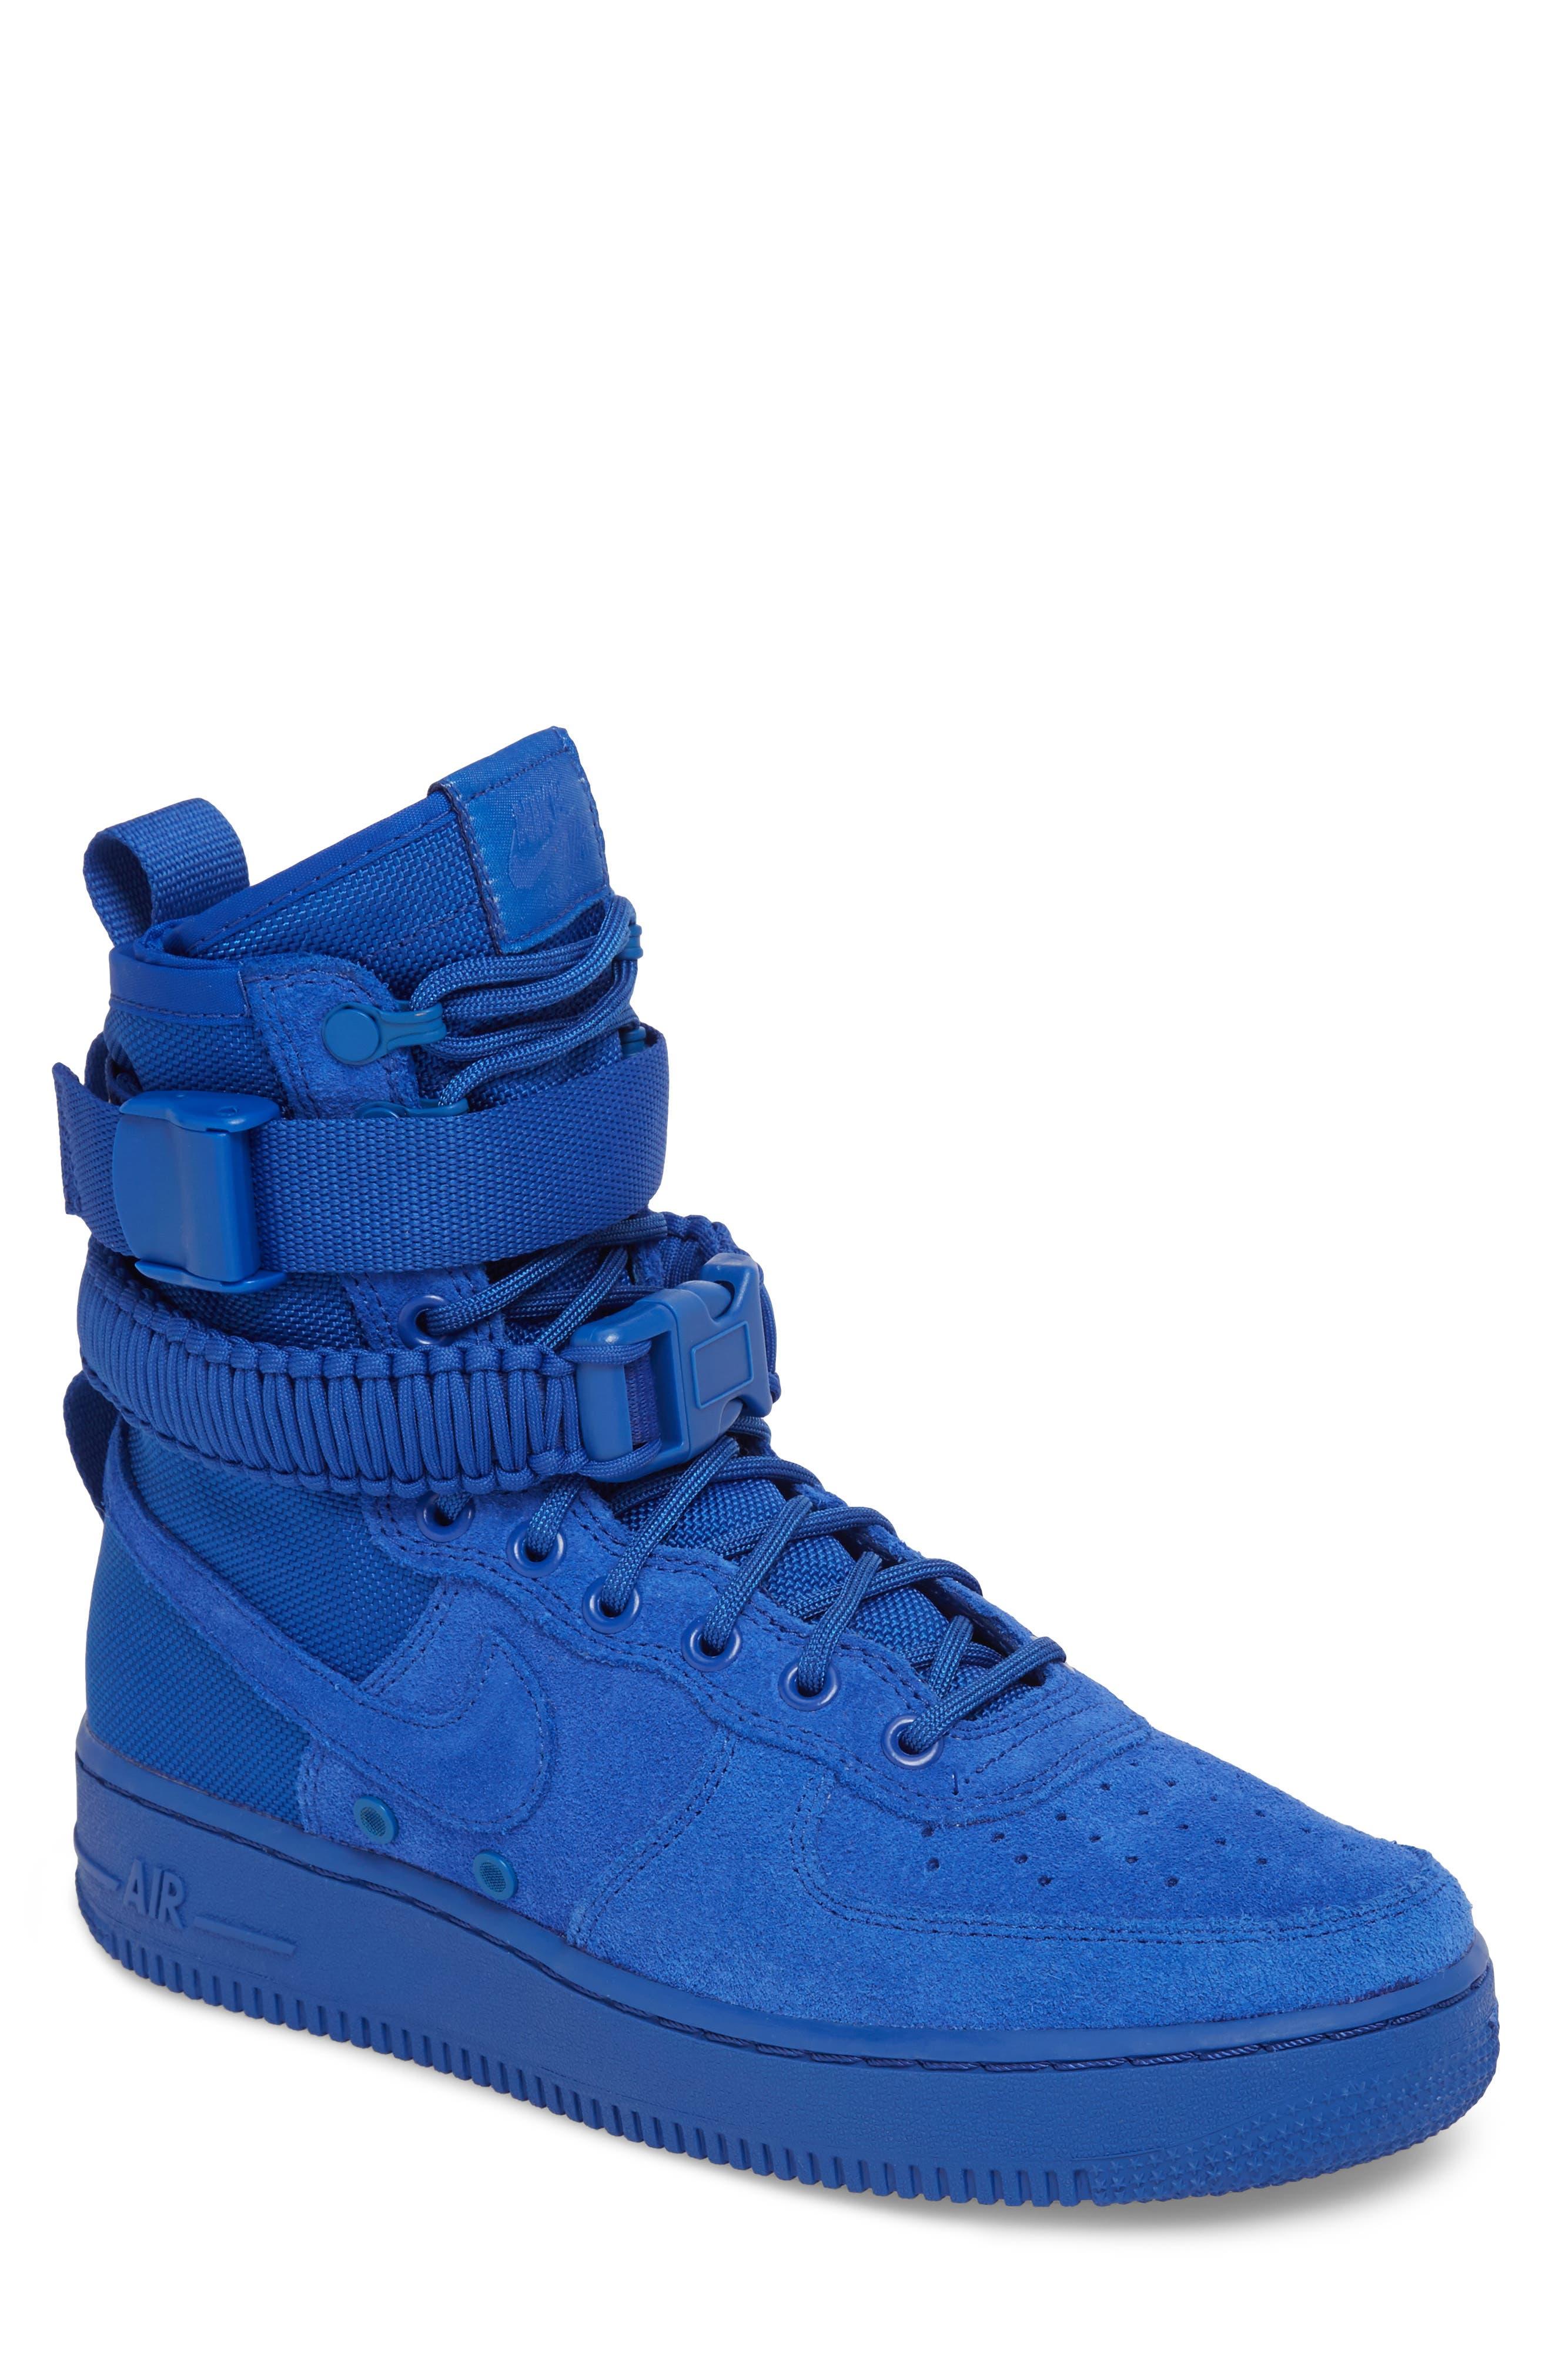 Nike SF Air Force 1 High Top Sneaker (Men)